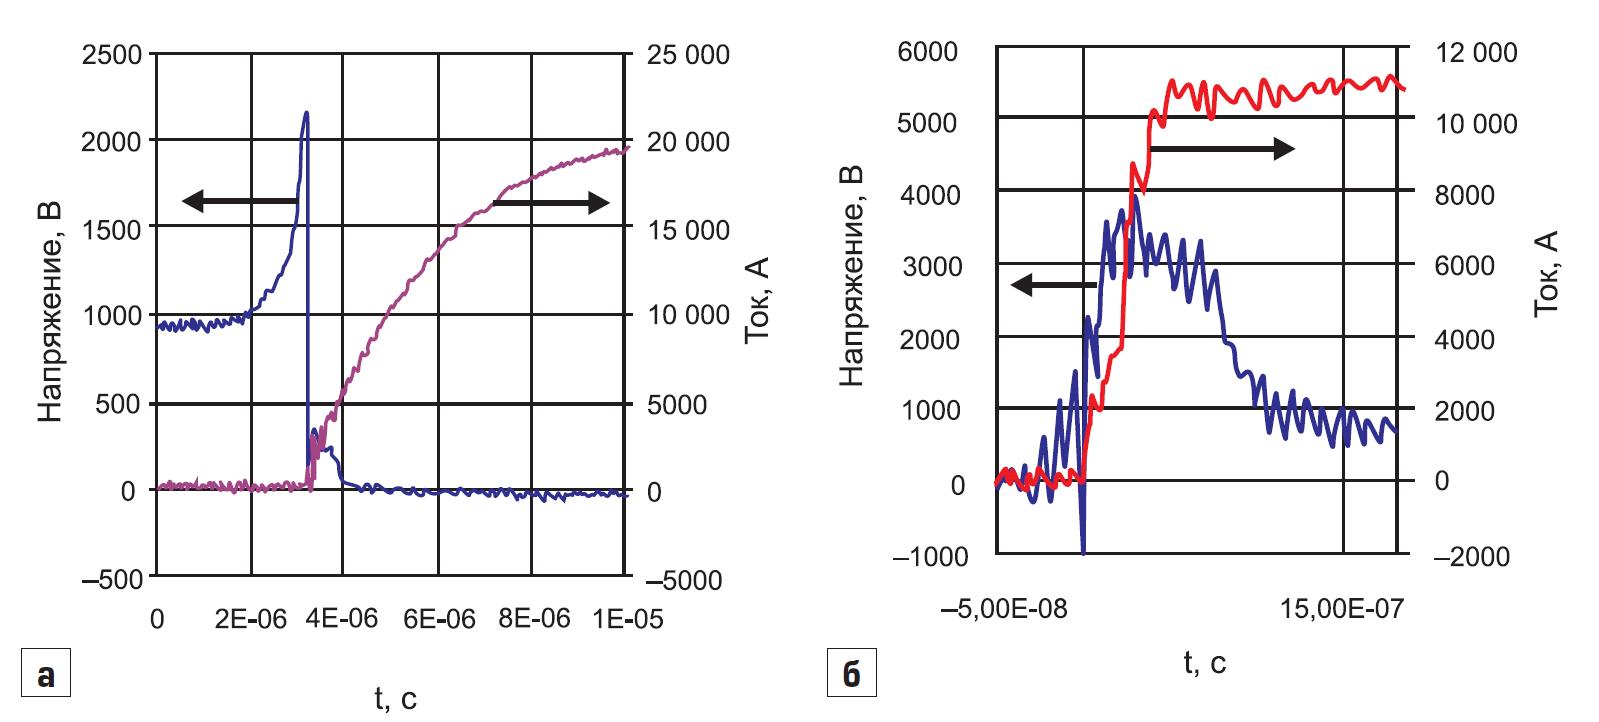 Осциллограммы тока и напряжения при коммутации экспериментального динистора. Коммутация импульсов тока со скоростью нарастания